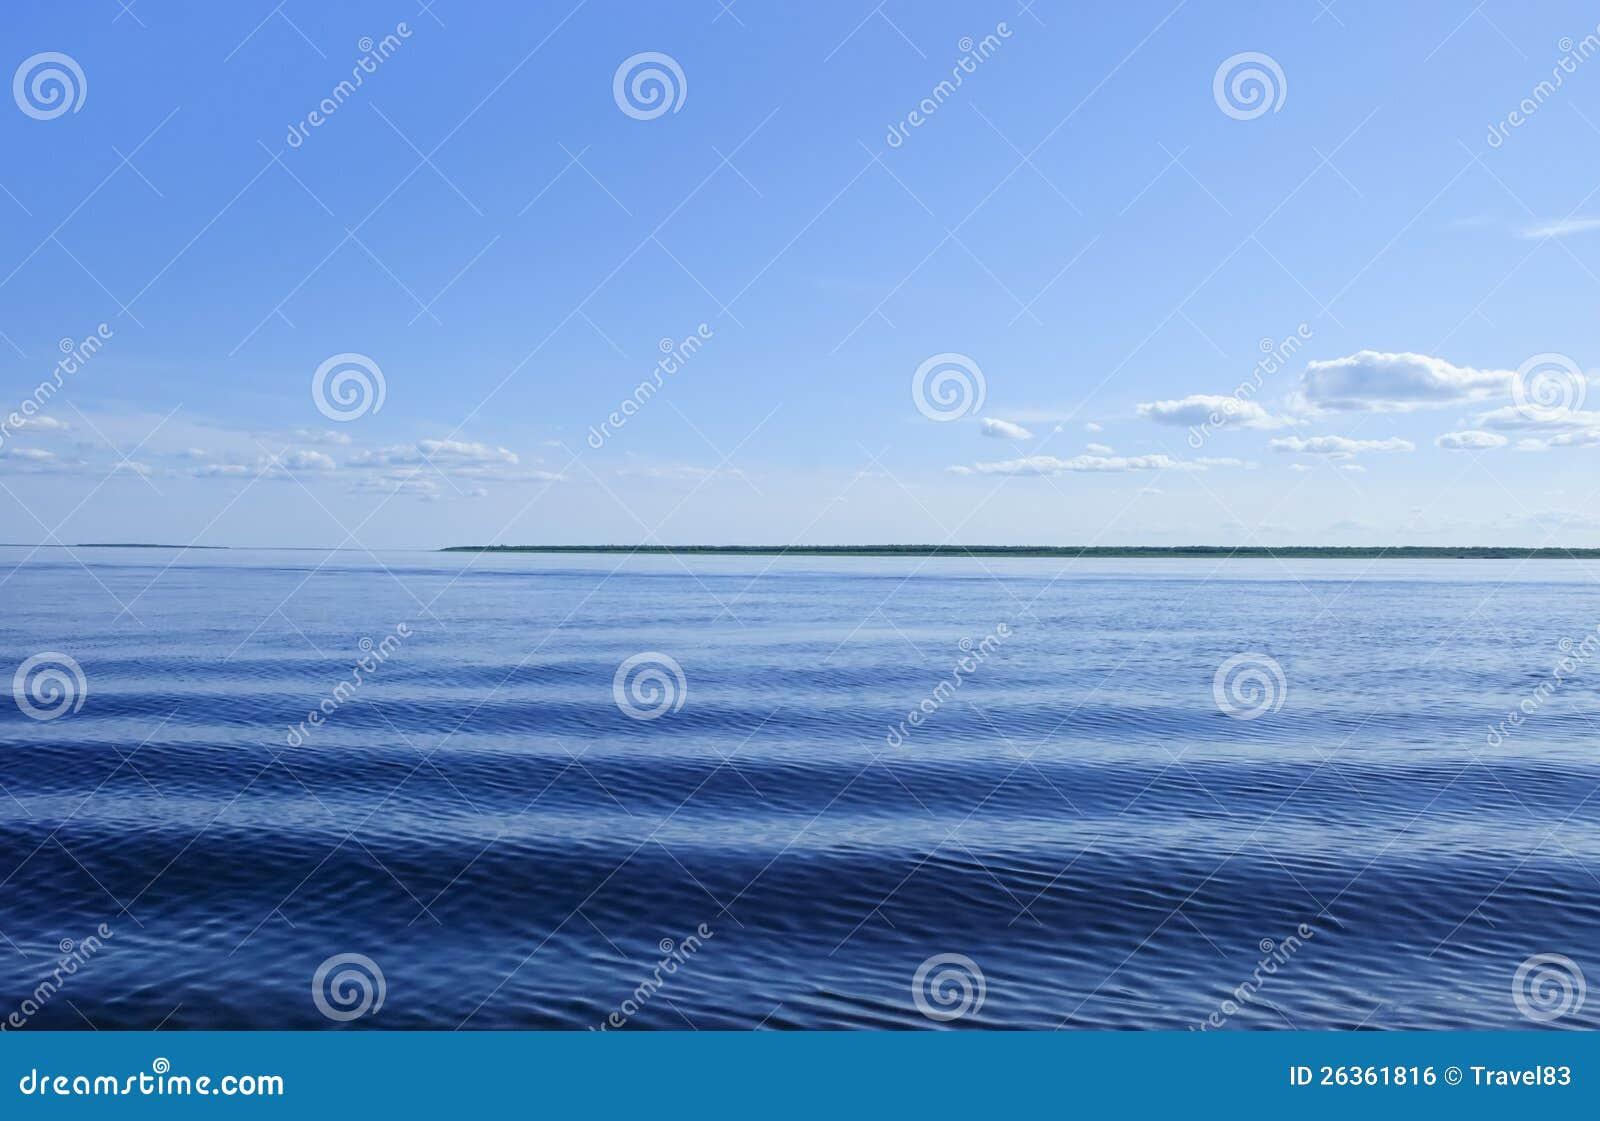 Blaues Meer mit Wellen und Himmel